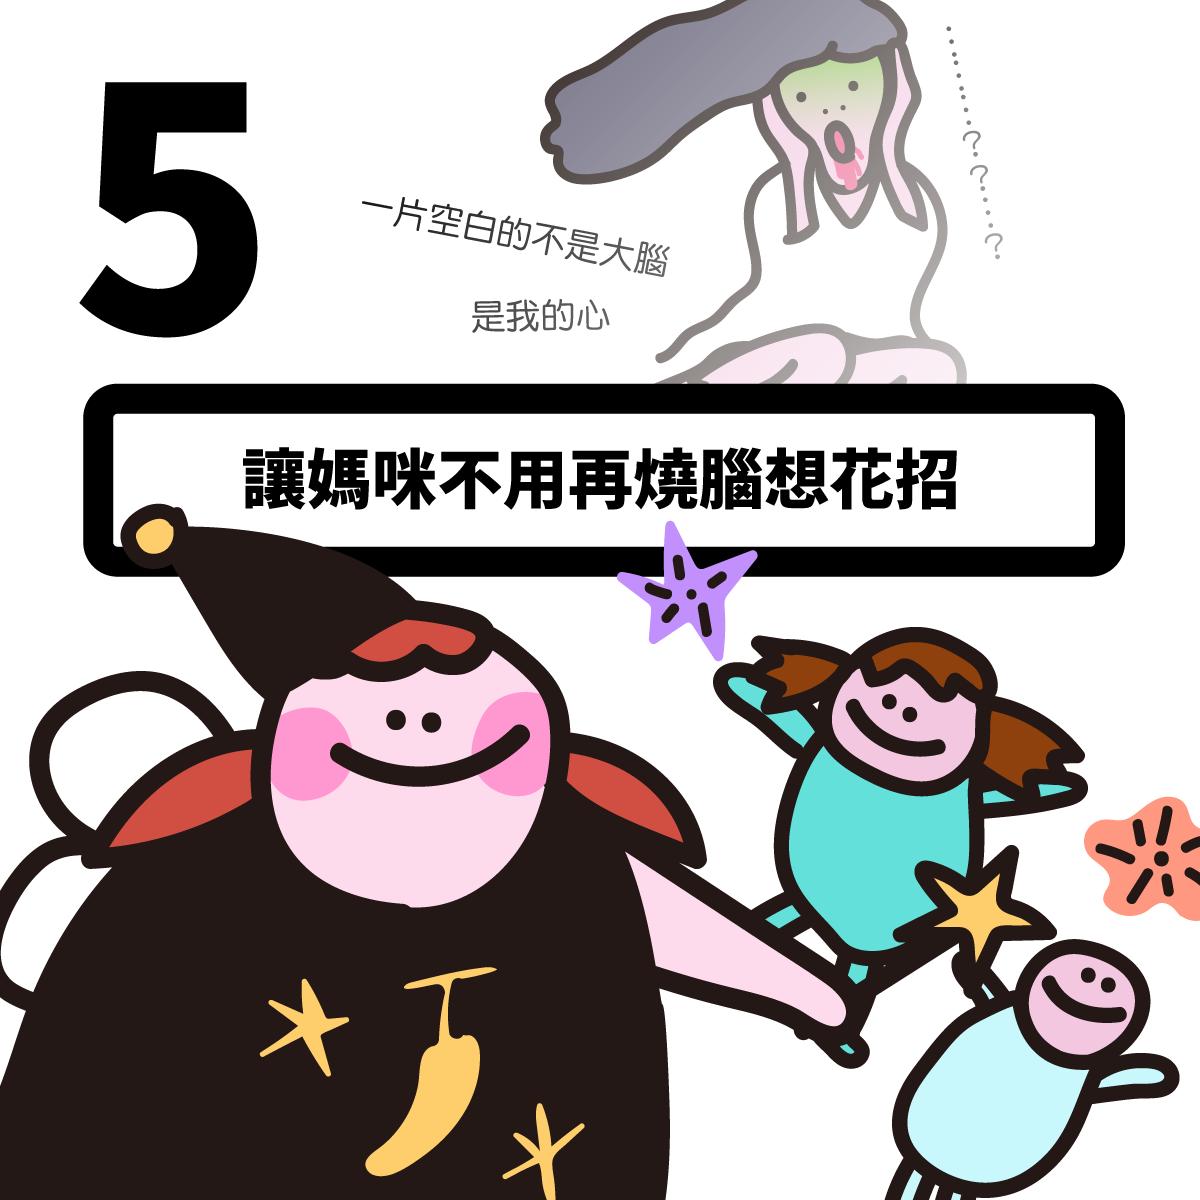 陪玩姊姊的七大功能,絕對榮登媽媽的最佳工具人!